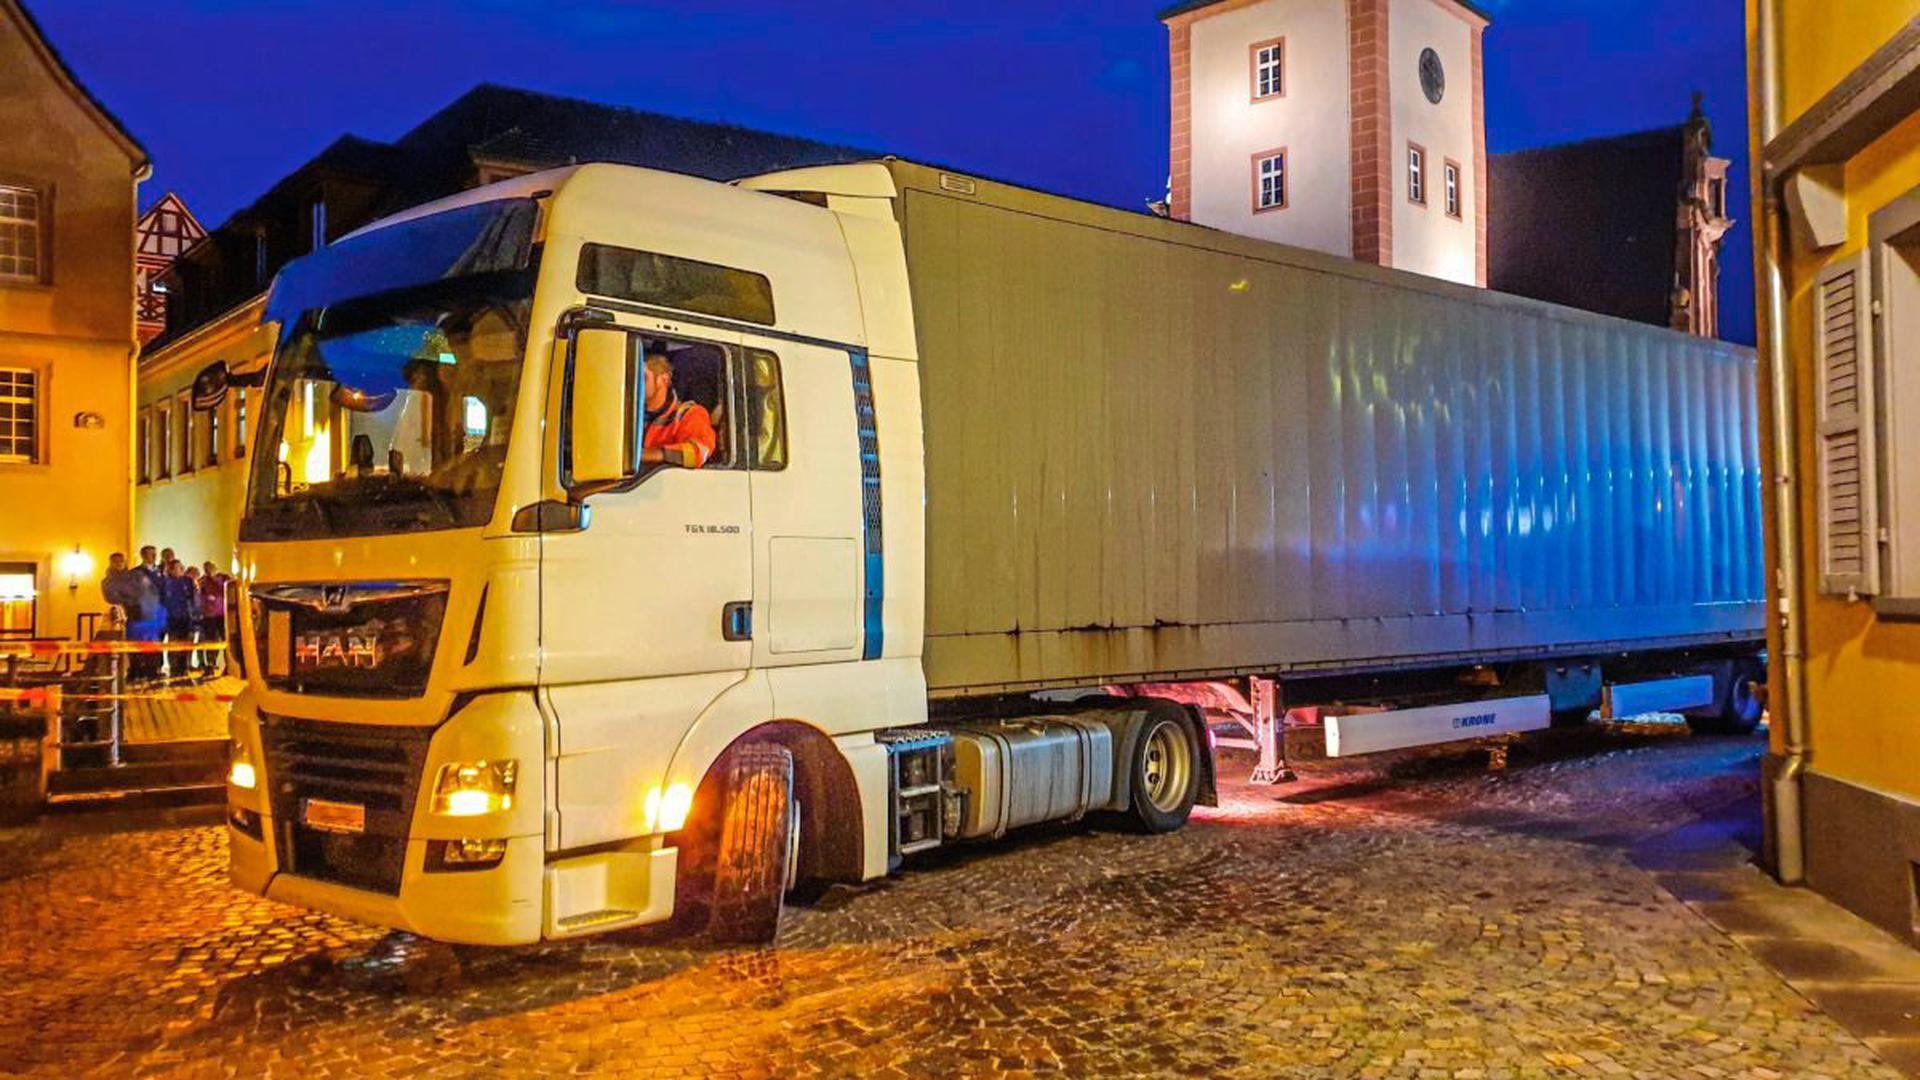 Ein Lkw mit einem zulässigen Gesamtgewicht von 40 Tonnen hat sich am Mittwochabend in der Altstadt von Ettlingen festgefahren.